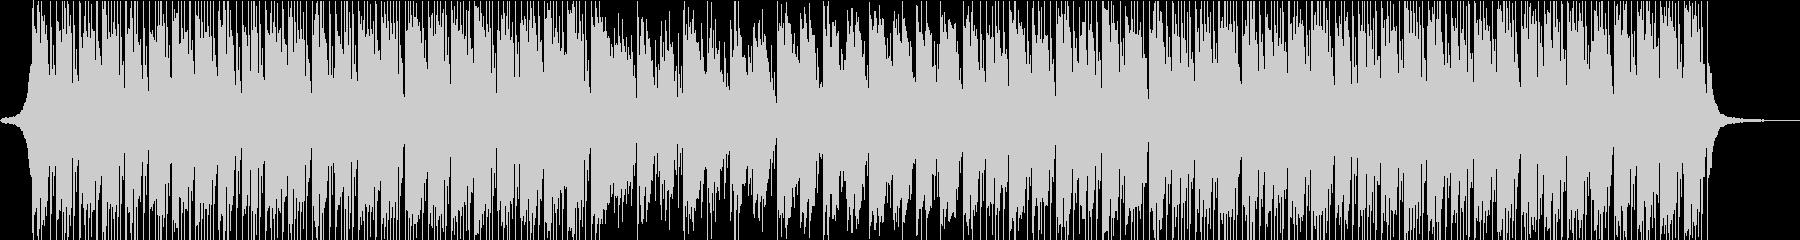 中近東のエピック系BGMの未再生の波形